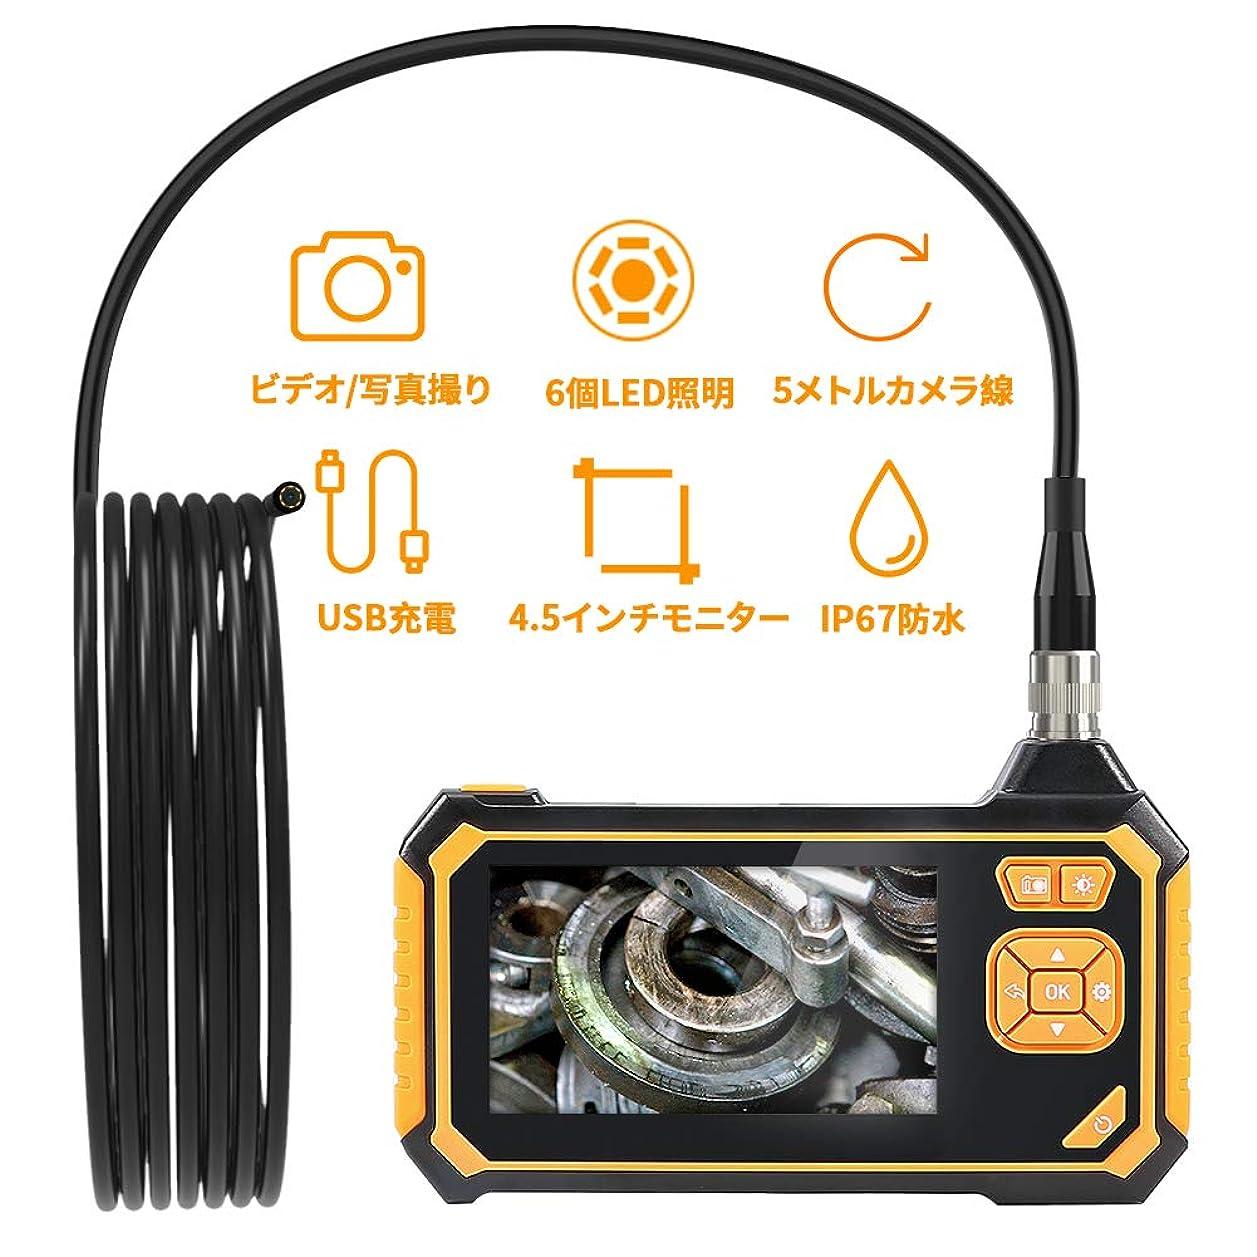 エンディング万歳暗記するRotek 検査カメラ スネークカメラ スコープ カメラ内視鏡 マイクロスコープ ファイバースコープ 防水内視鏡 IP67防水 ワイヤレス 工業用USB充電式 4.3インチスクリーン 画面360度画面回転可能 1080p解像度 多言語対応 2600mah大容量バッテリー 操作簡単 5mカメラ硬性内視鏡 8mmレンズ 6LED暗視鏡 照度調節可能 APP WIFI スマホ不要 水中観察 家庭掃除 車 空調 排水口 設備の点検用品